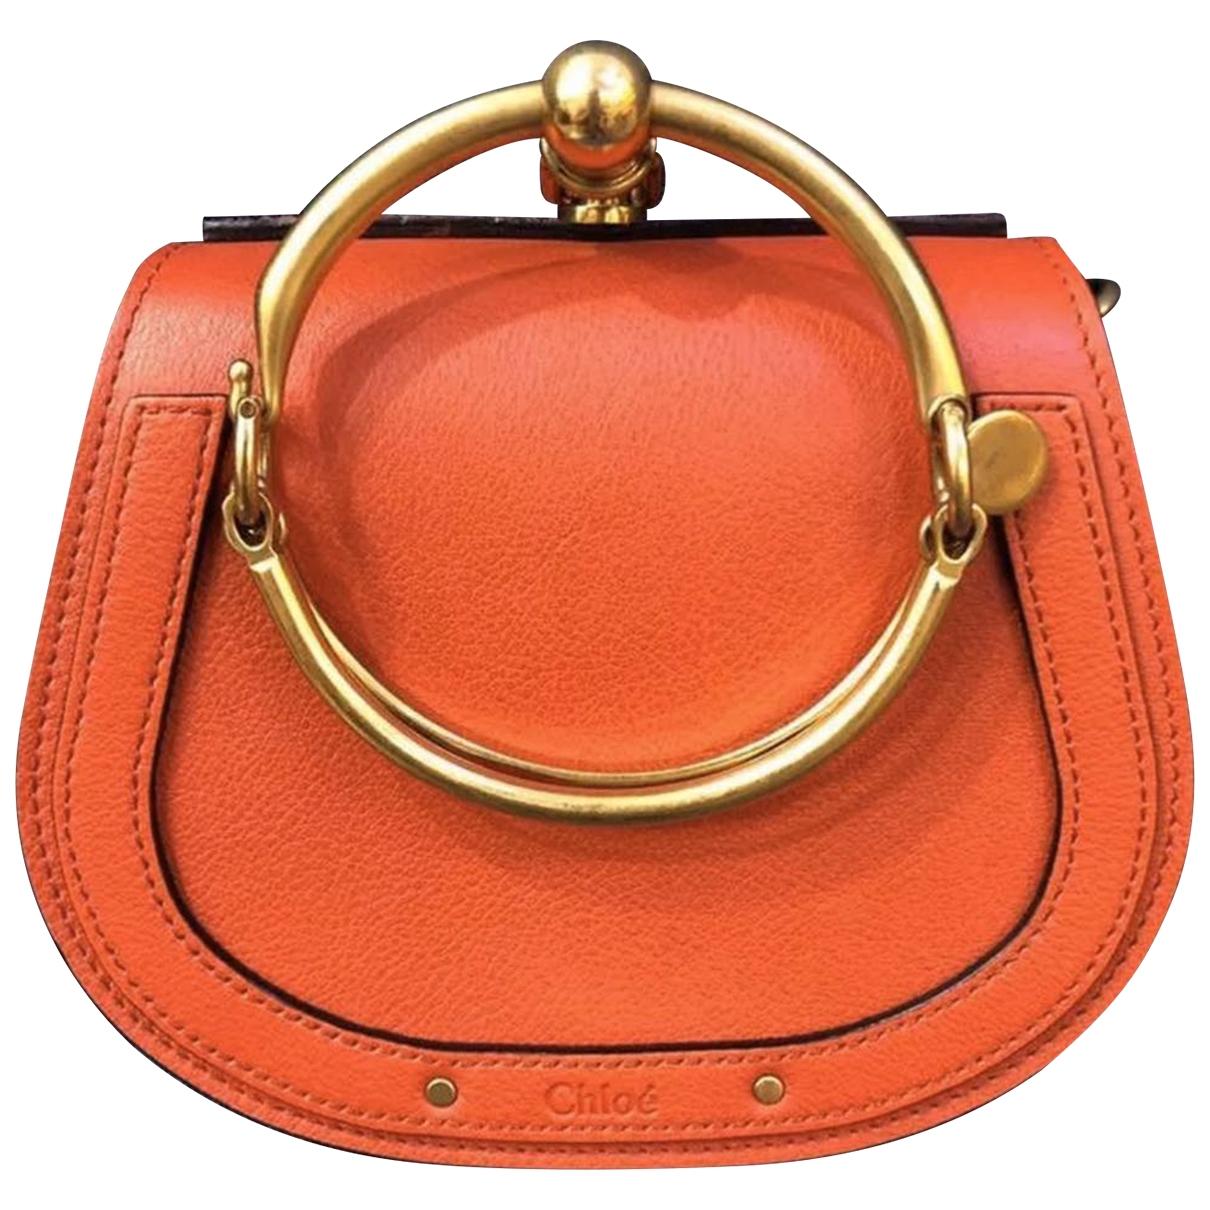 Chloe - Sac a main Bracelet Nile pour femme en cuir - orange